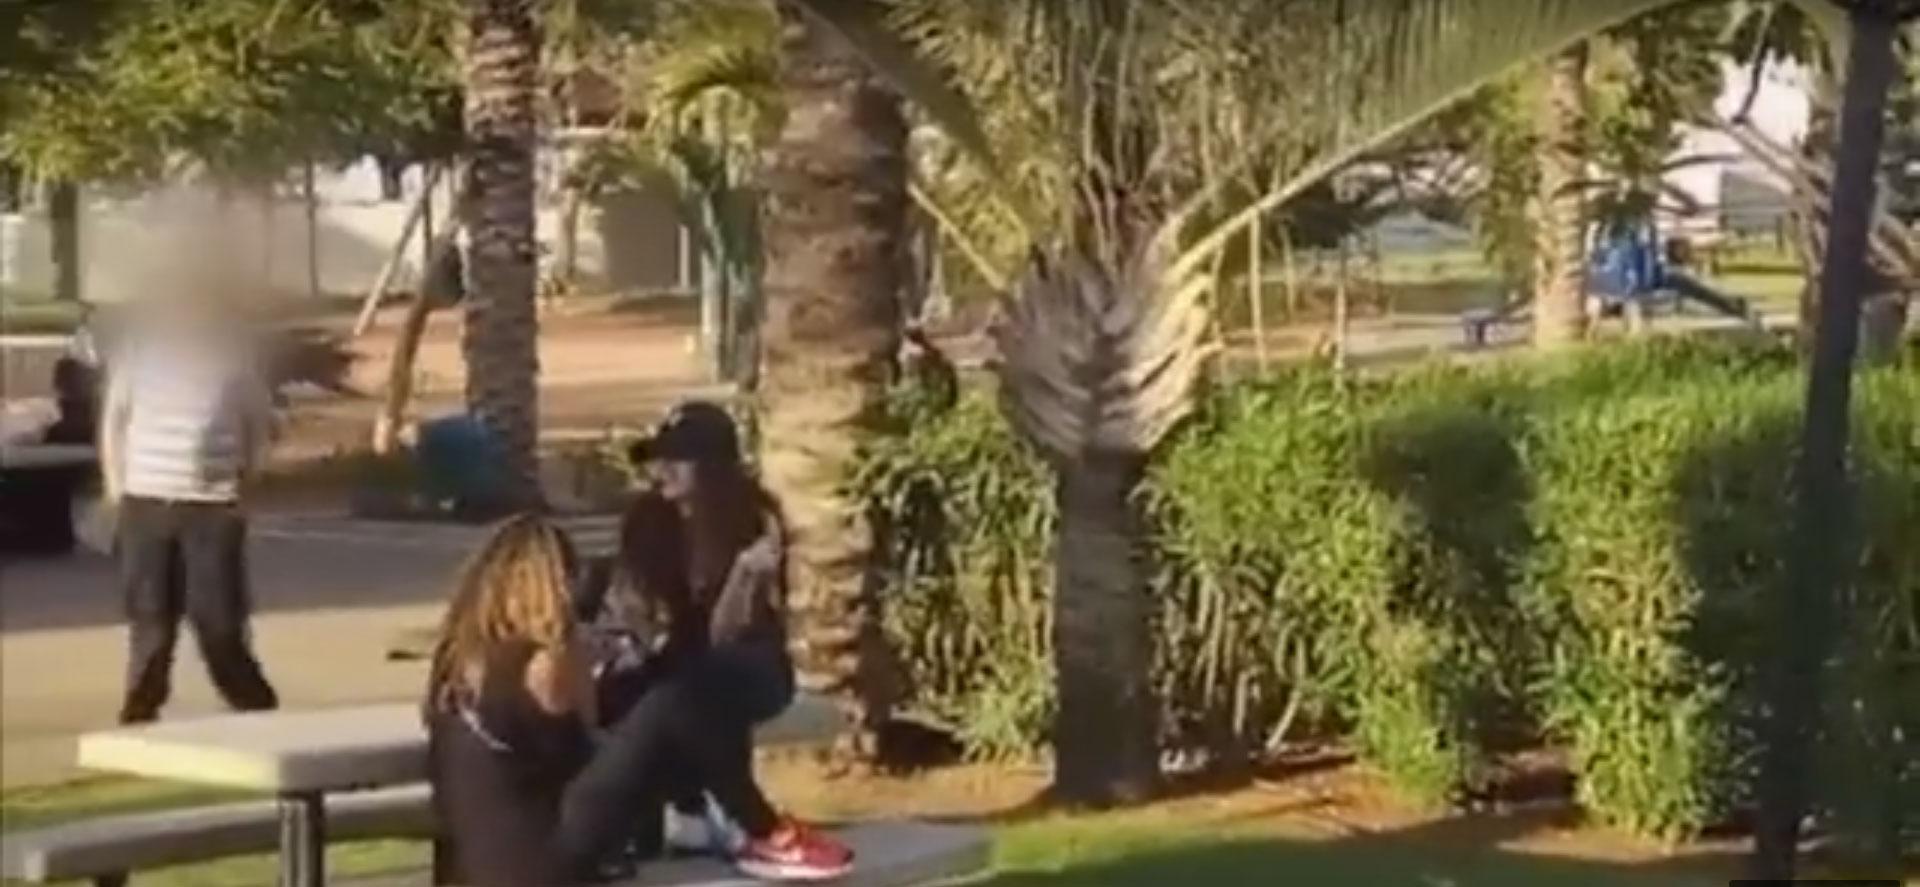 מתוך הסרטון ששחררה המשטרה מהפארק הגדול. צילום: דוברות המשטרה